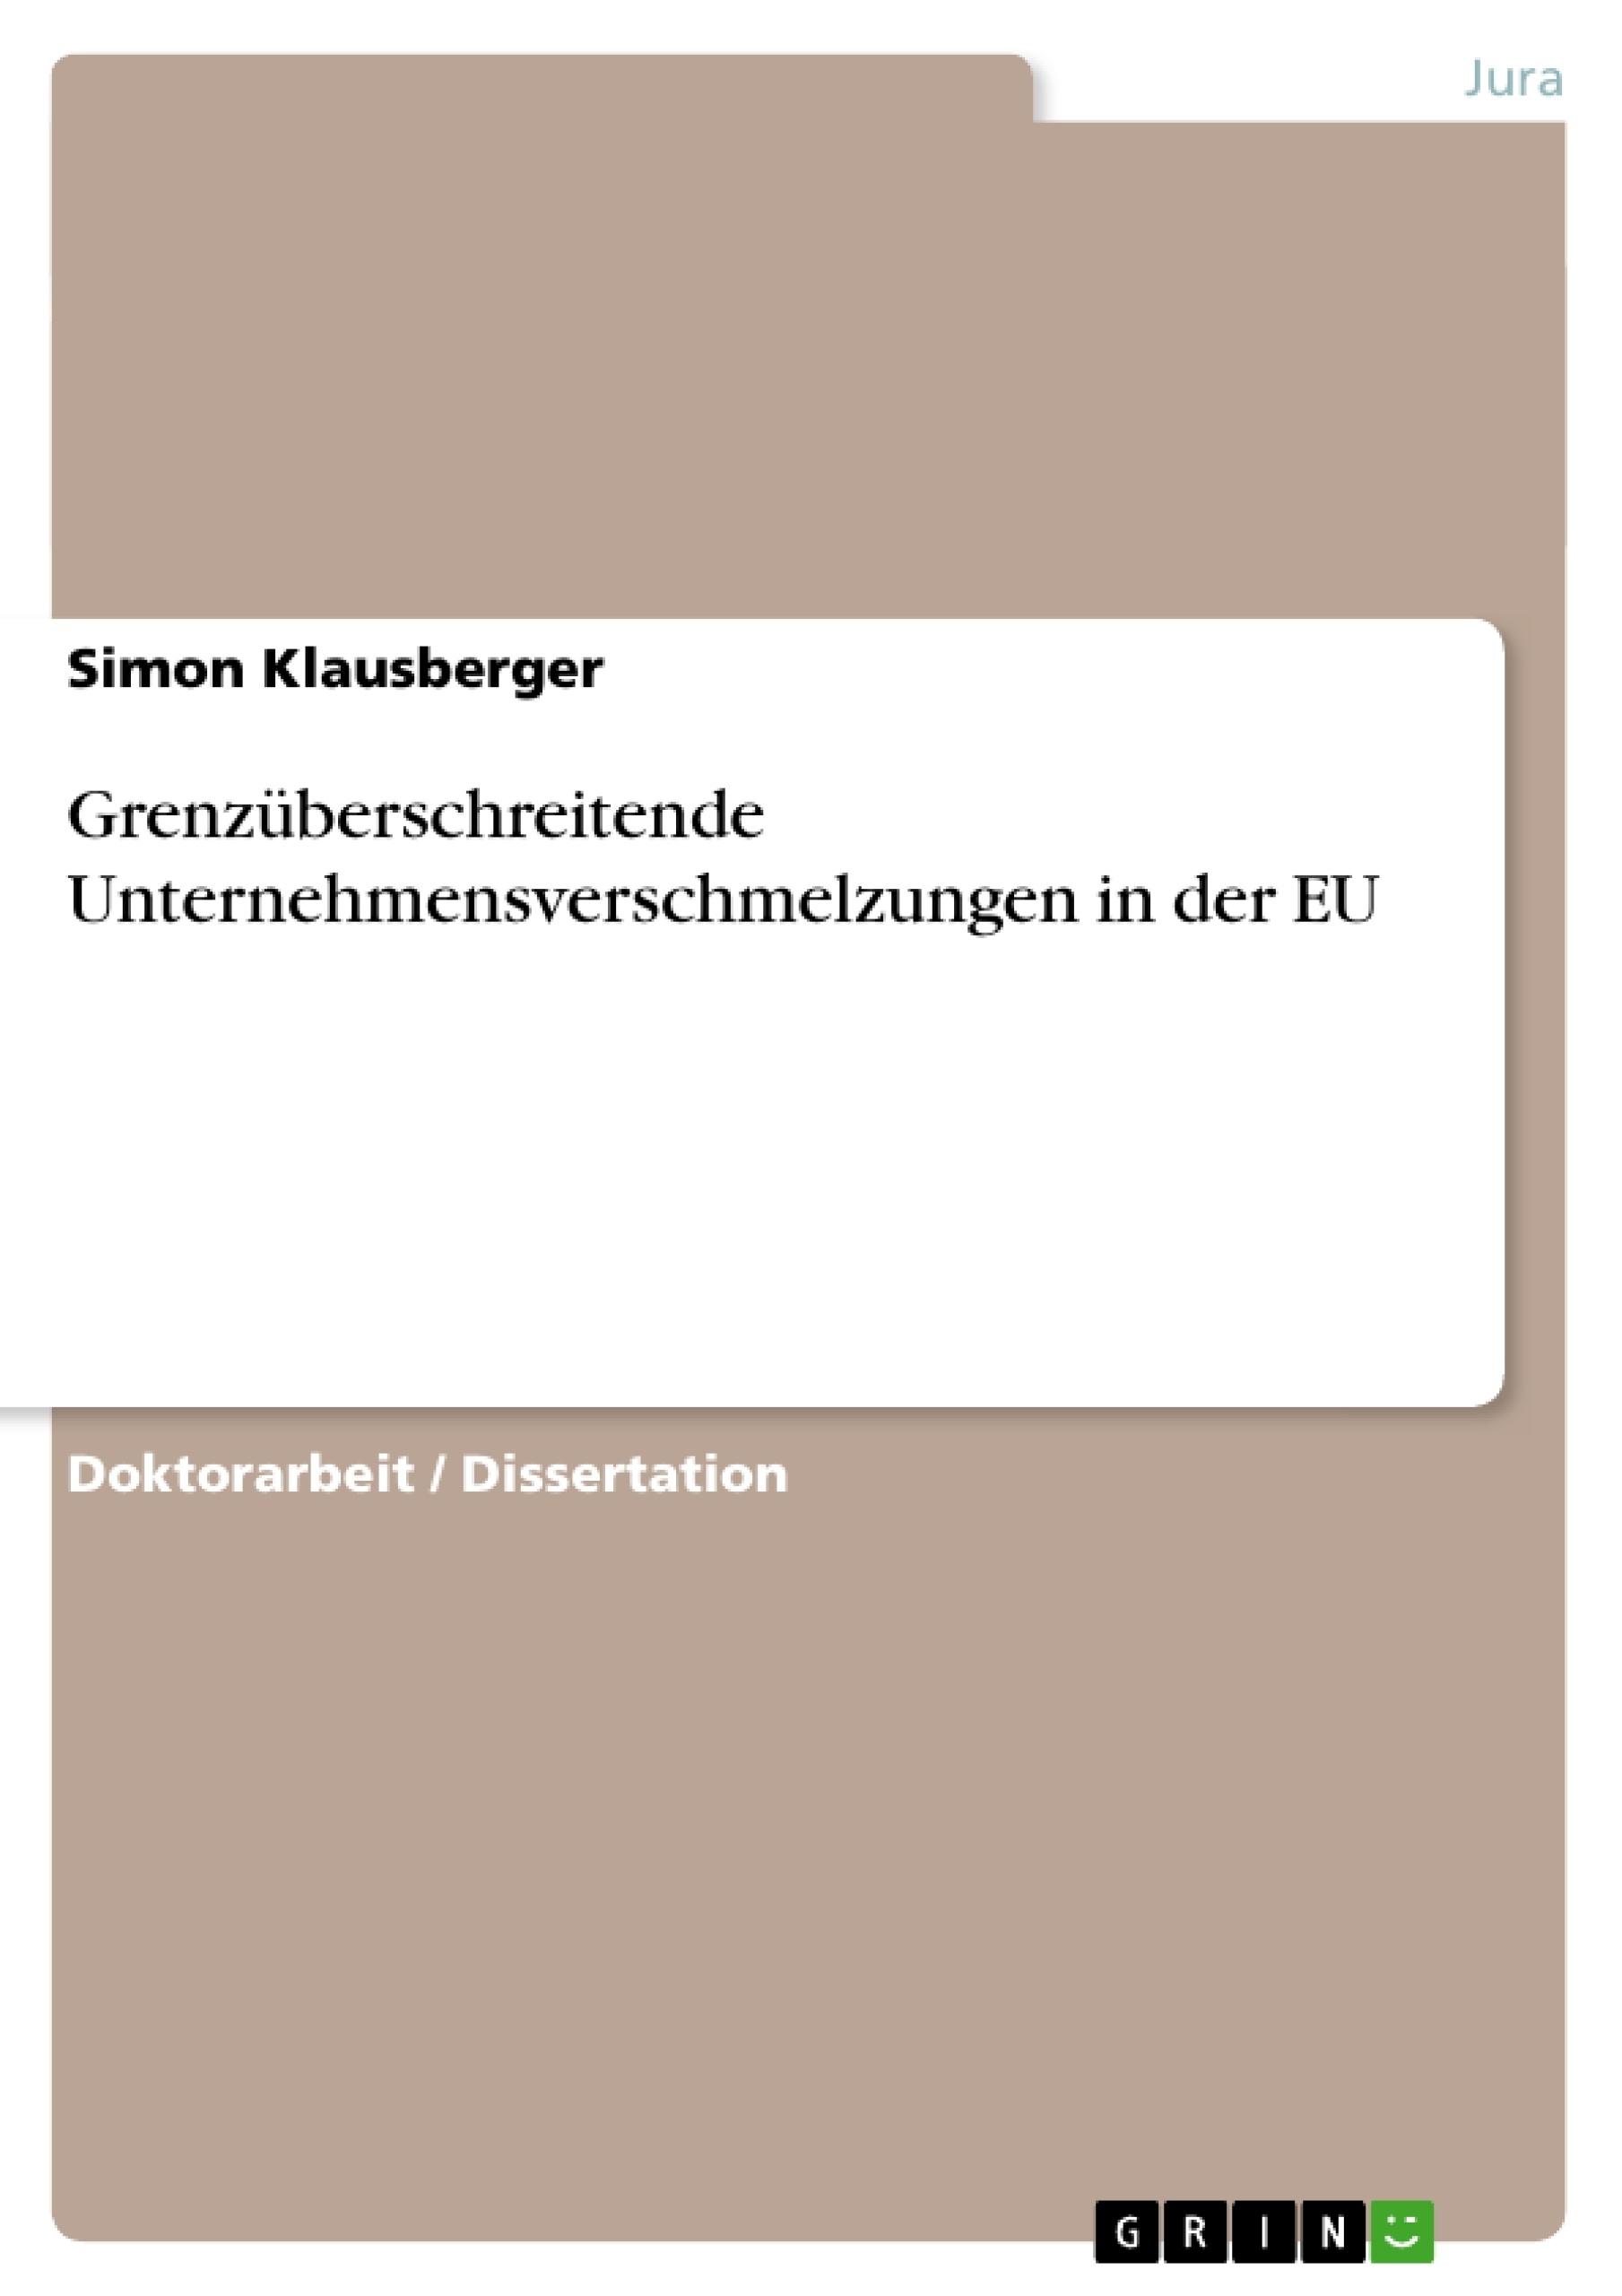 Titel: Grenzüberschreitende Unternehmensverschmelzungen in der EU